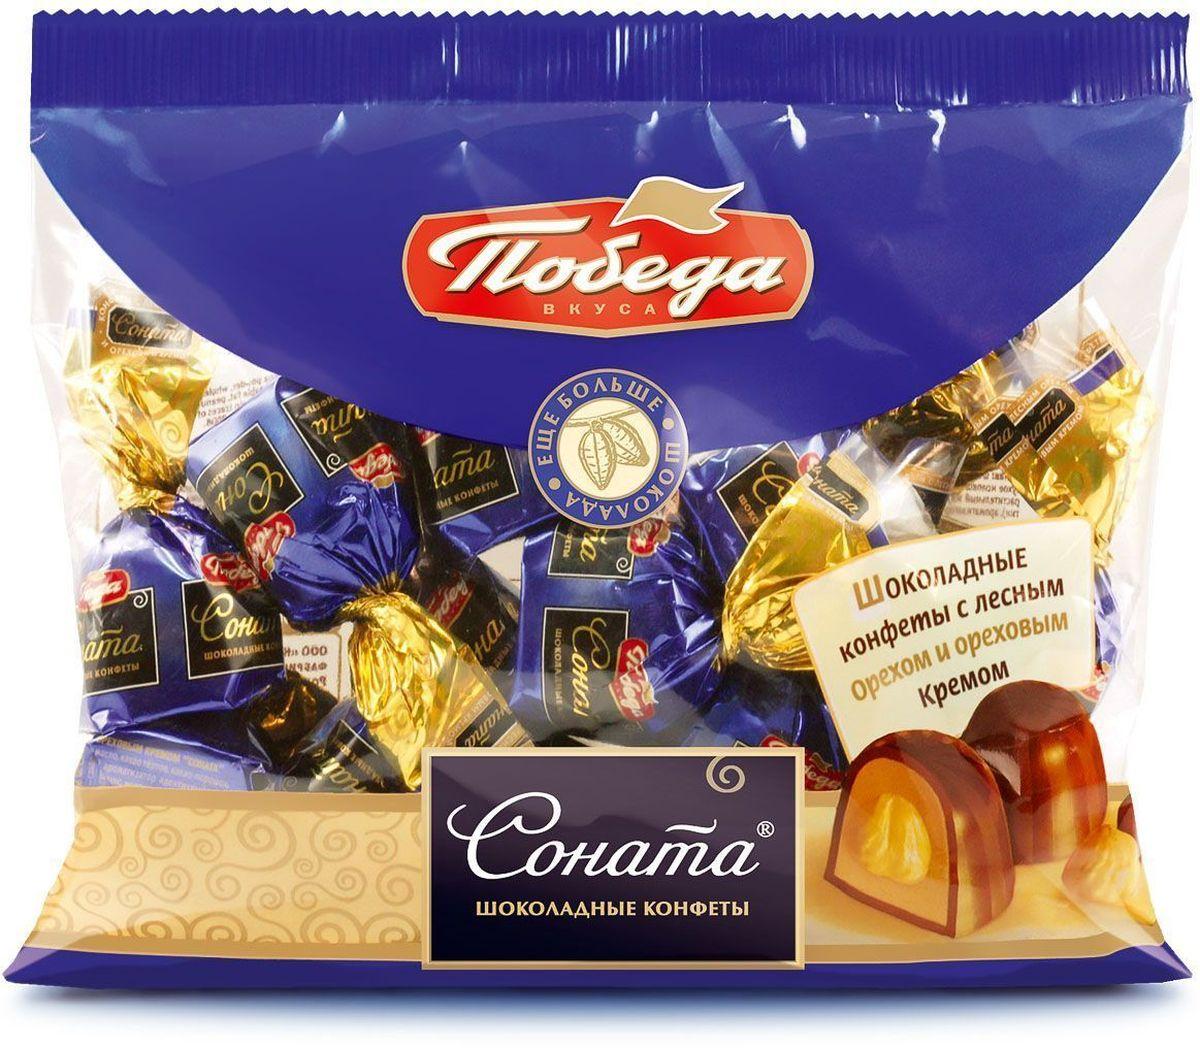 Победа вкуса Соната шоколадные конфеты с лесным орехом и ореховым кремом, 200 г reber mozart kugeln конфеты с молочным шоколадом 120 г